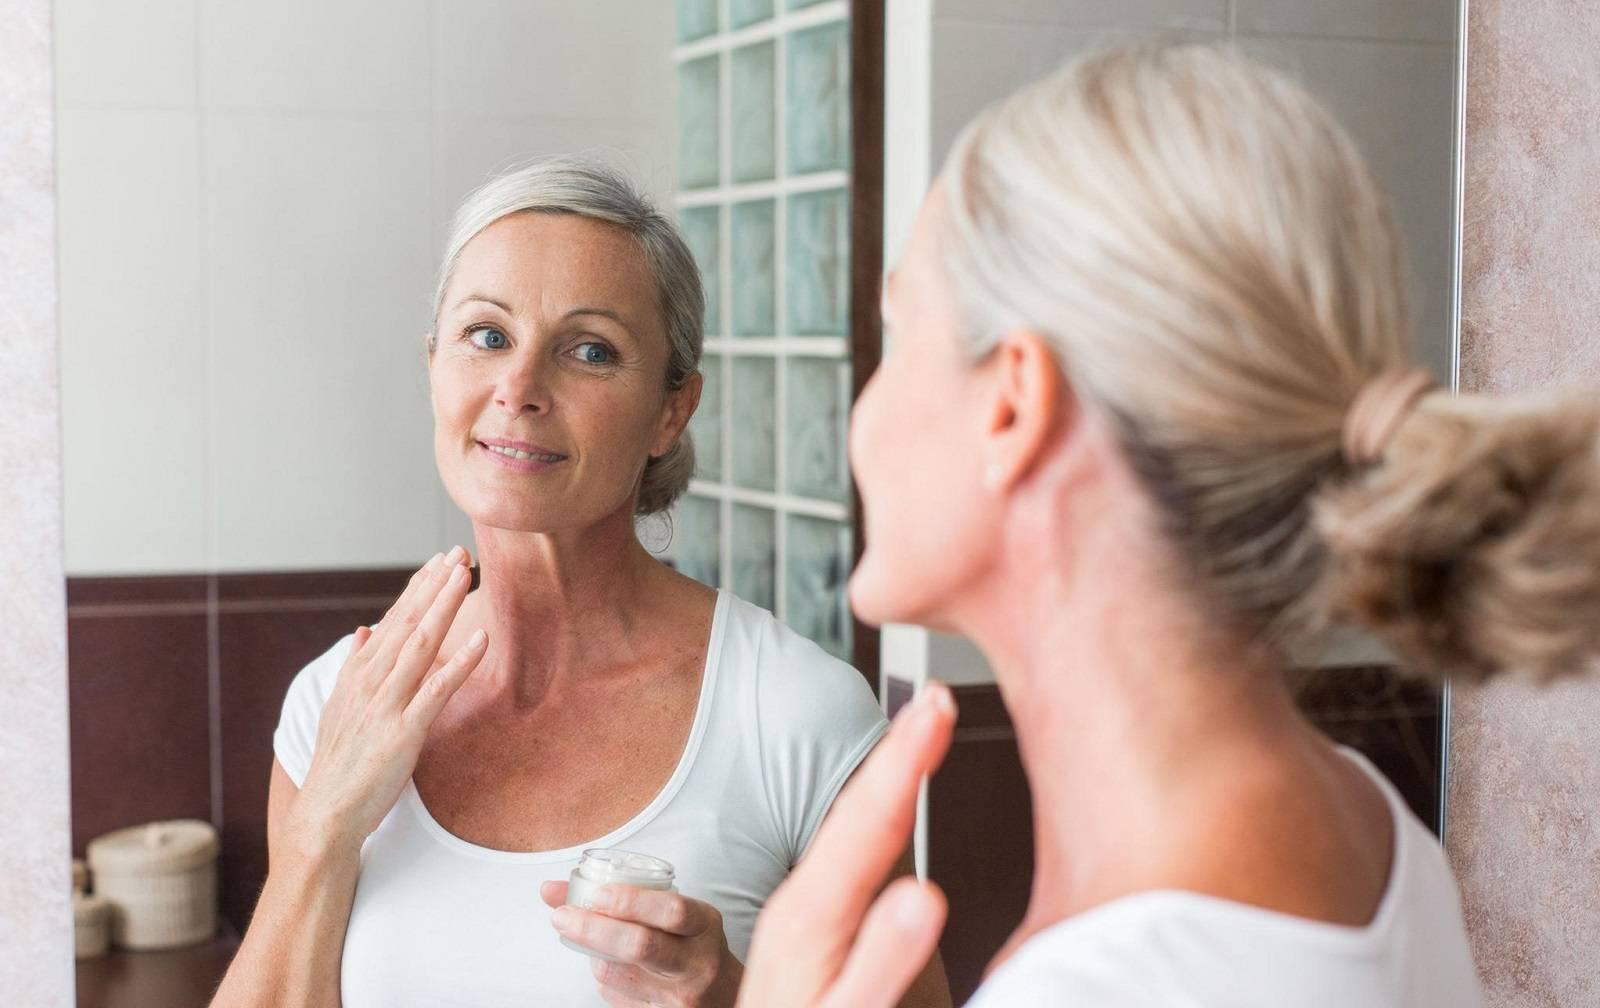 Омолаживающие процедуры для лица после 40 — 45 лет